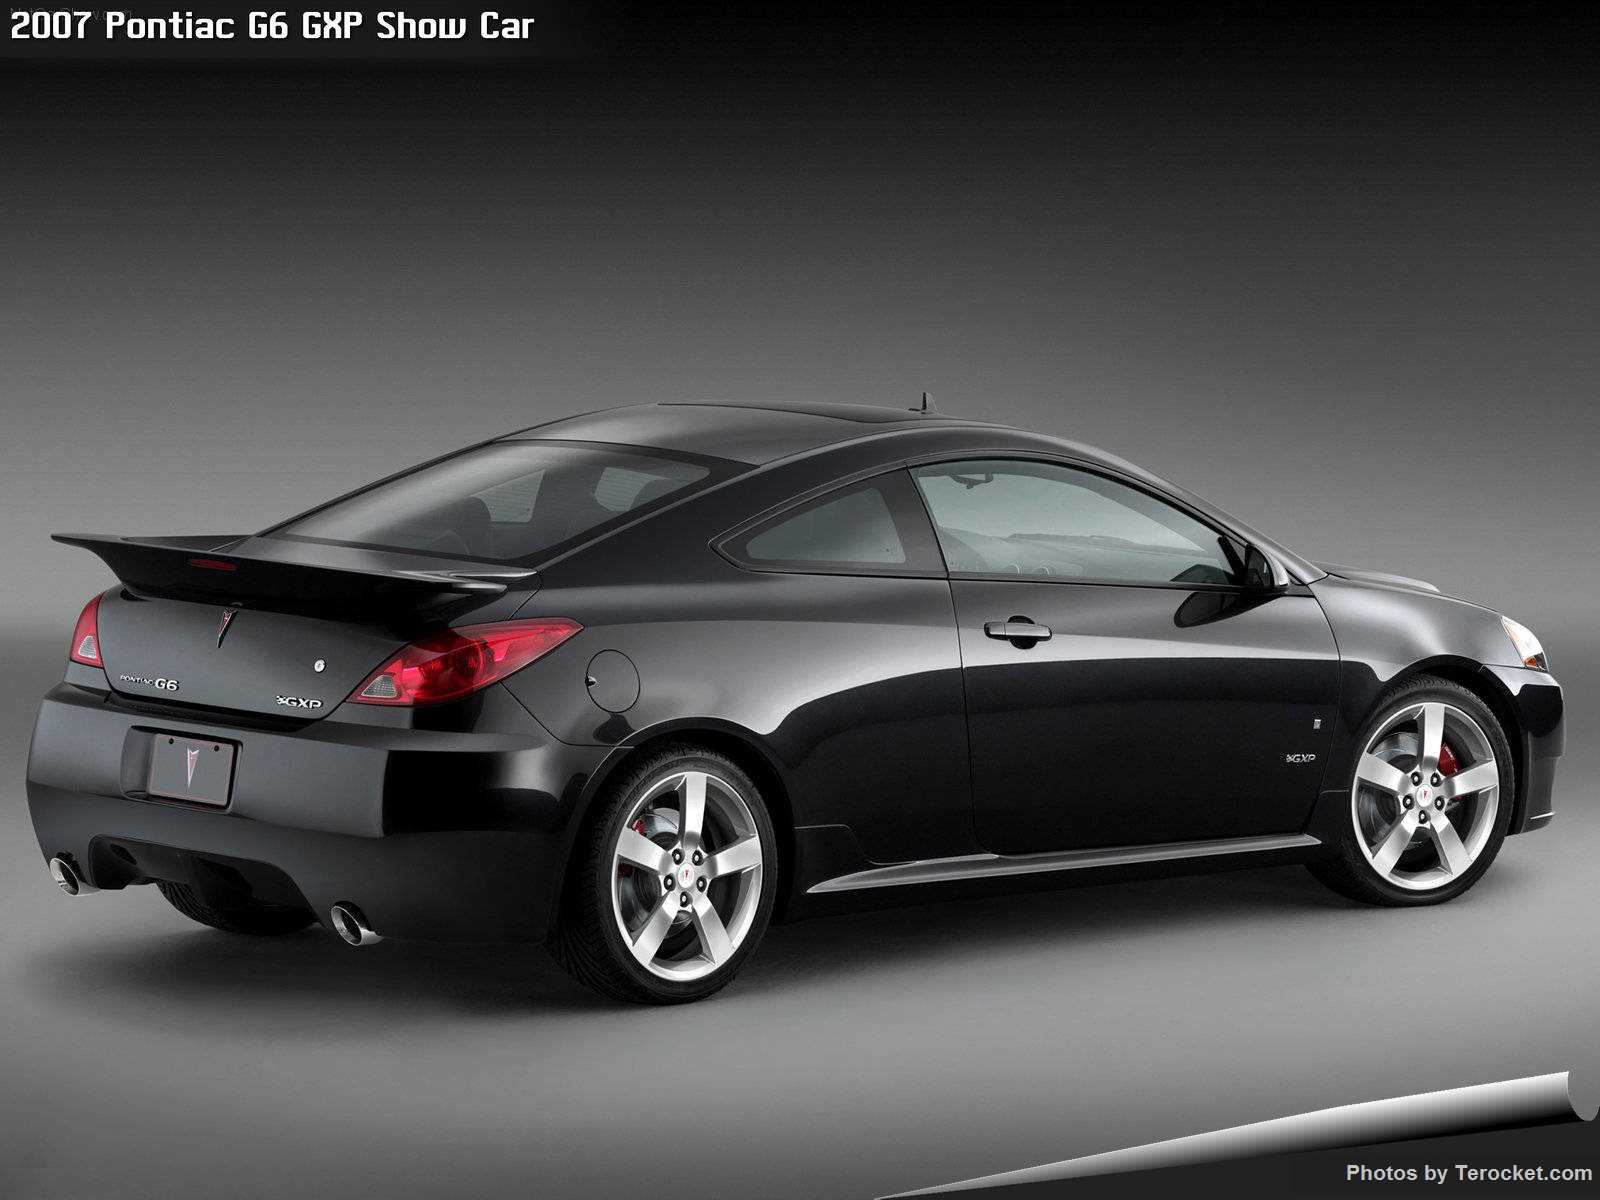 Hình ảnh xe ô tô Pontiac G6 GXP Show Car 2007 & nội ngoại thất